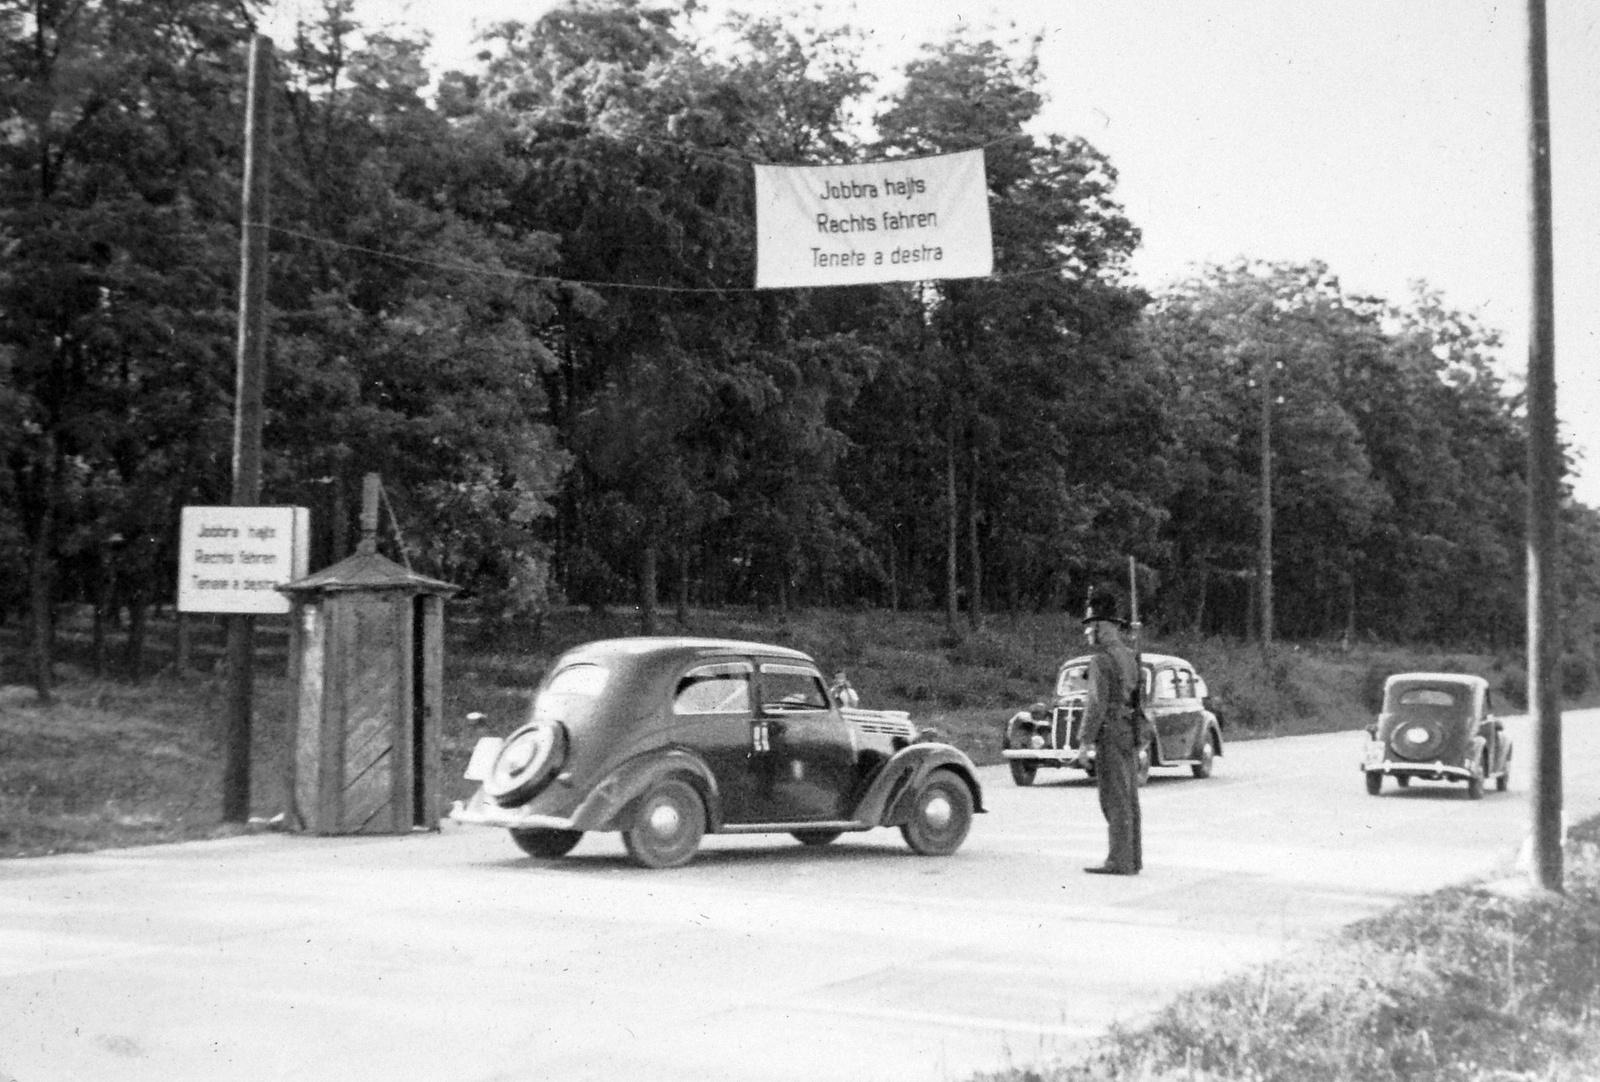 1941. Jobbra hajts bevezetése.jpg